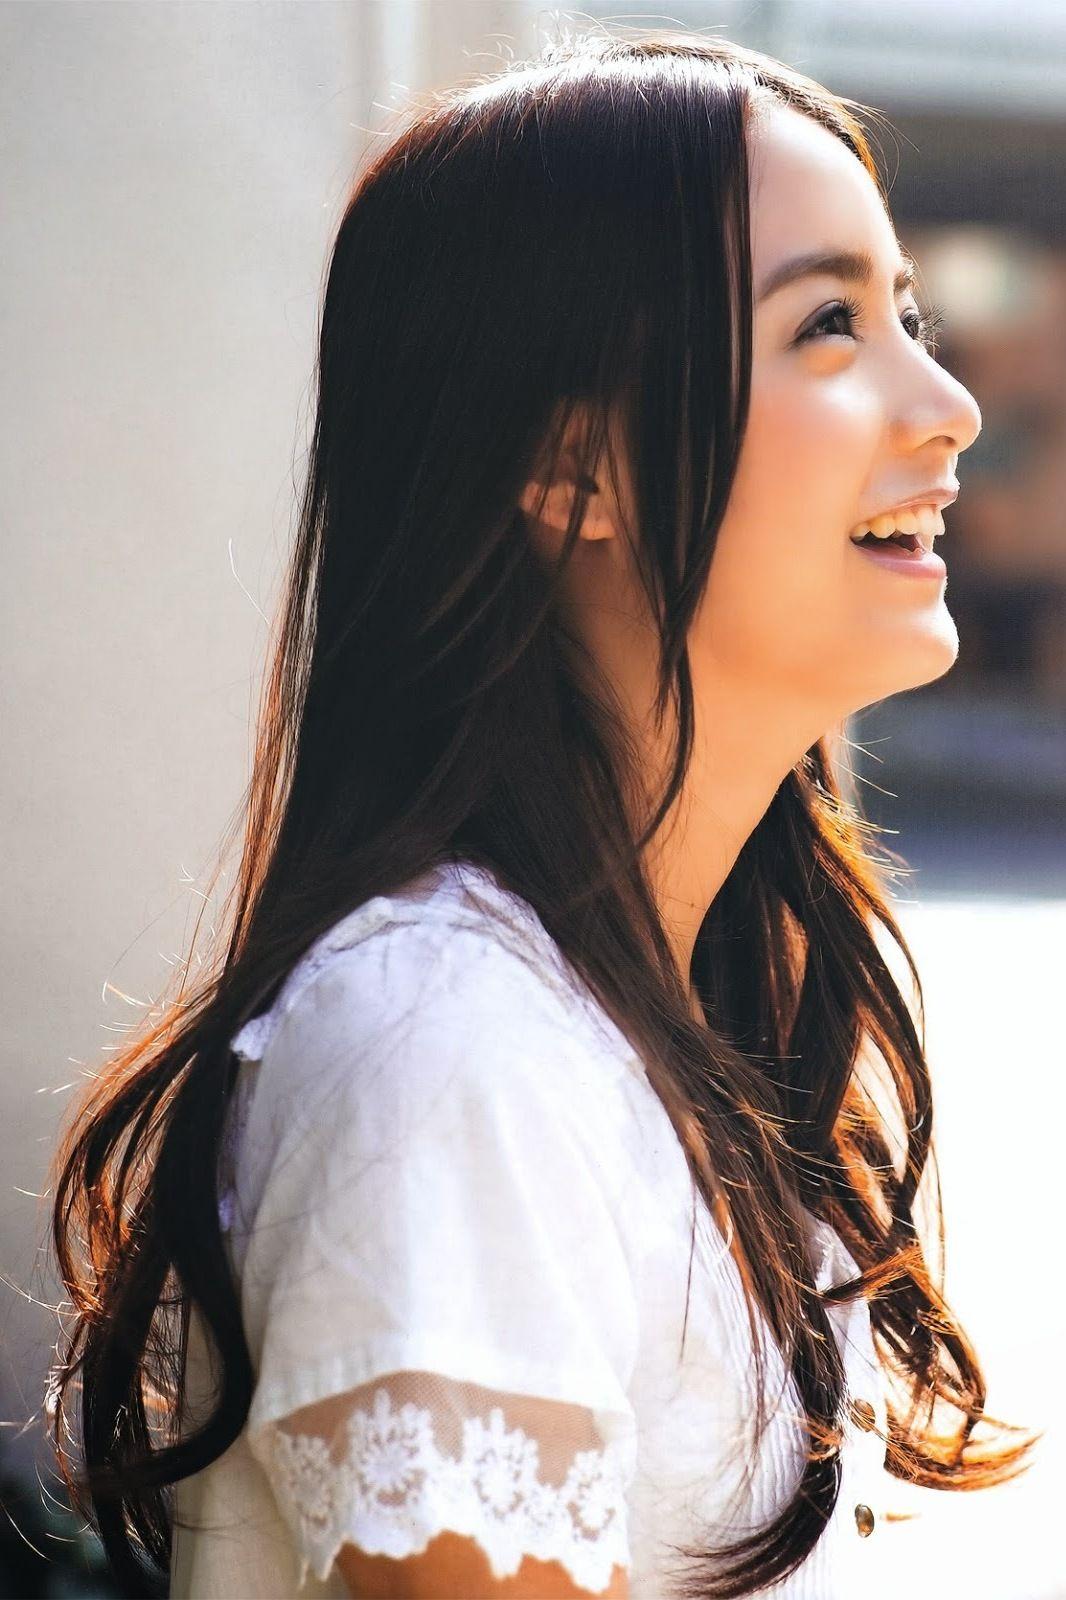 Cute asian girl beauty pinterest yamamoto asian and girls